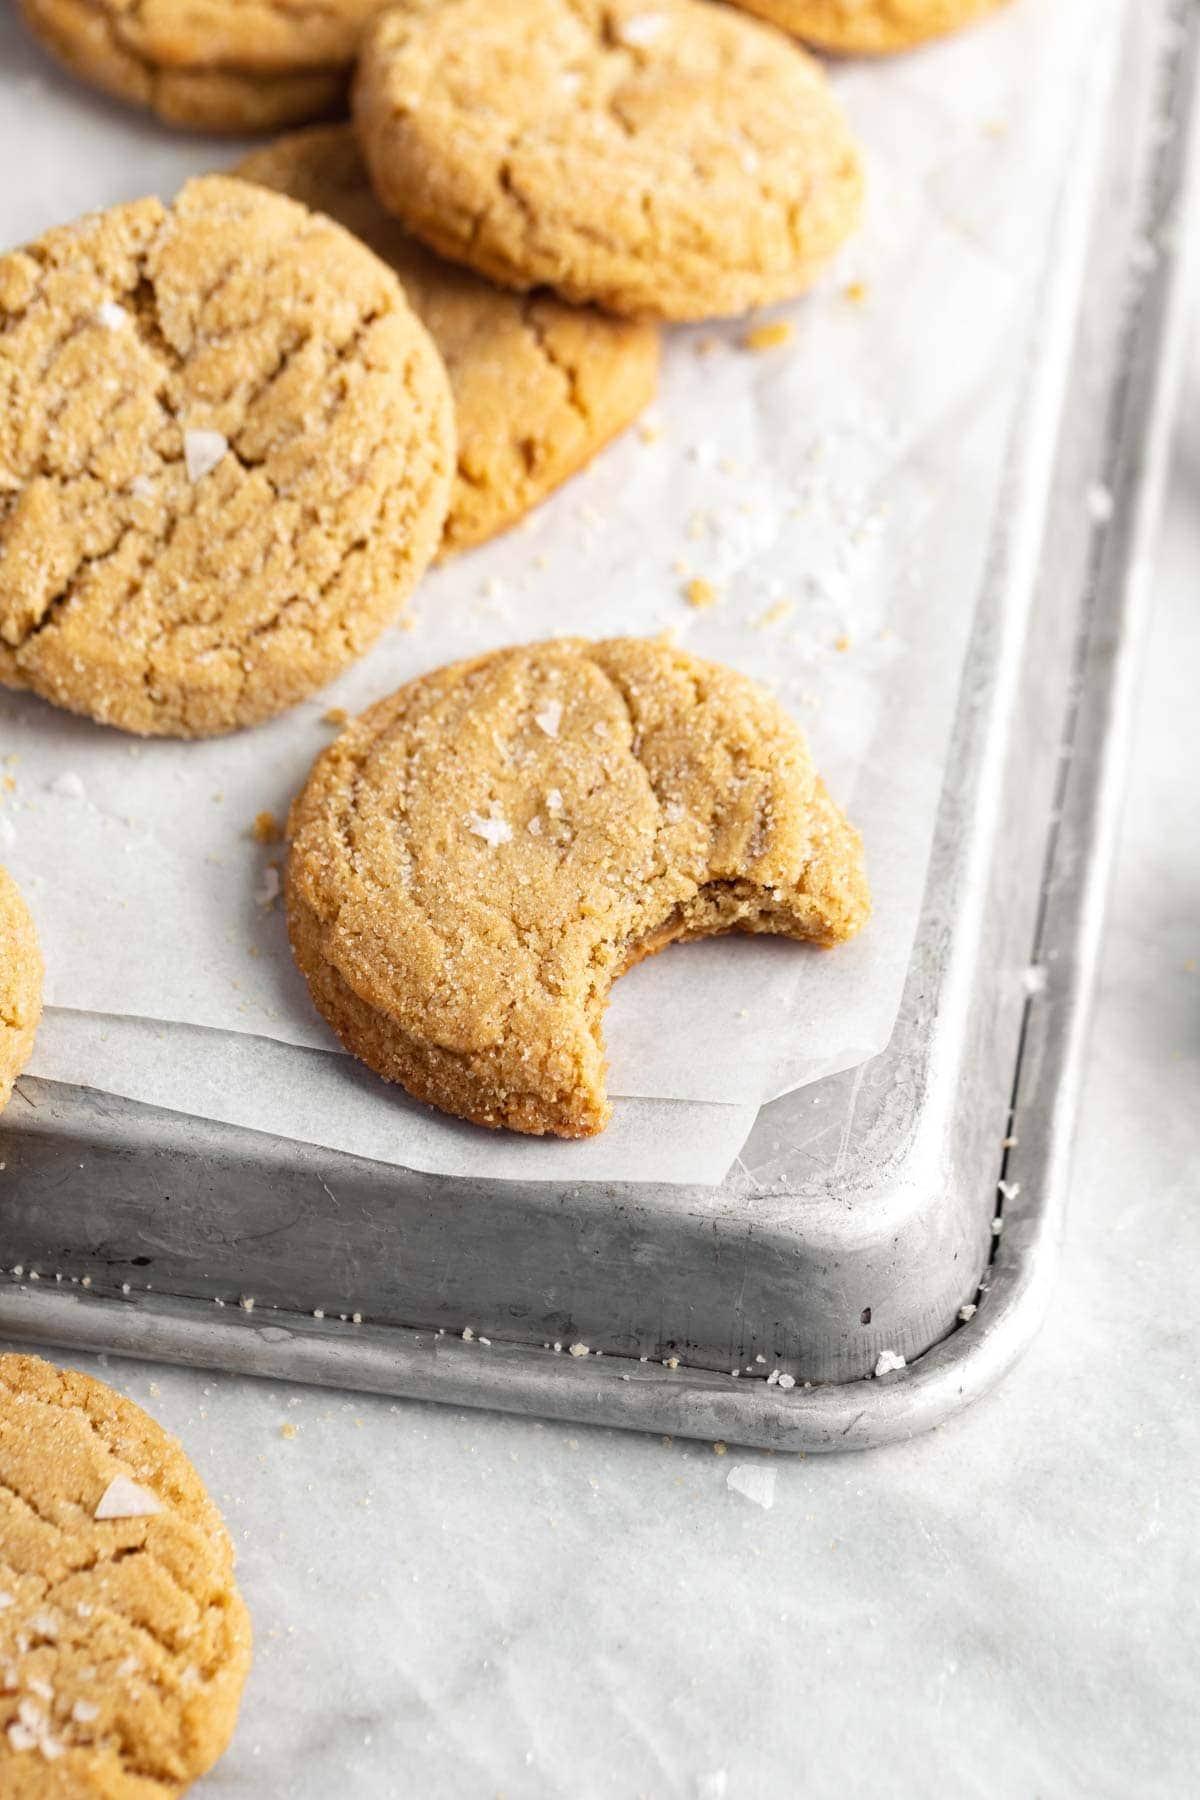 biscuits au beurre d'arachide sur une plaque à pâtisserie